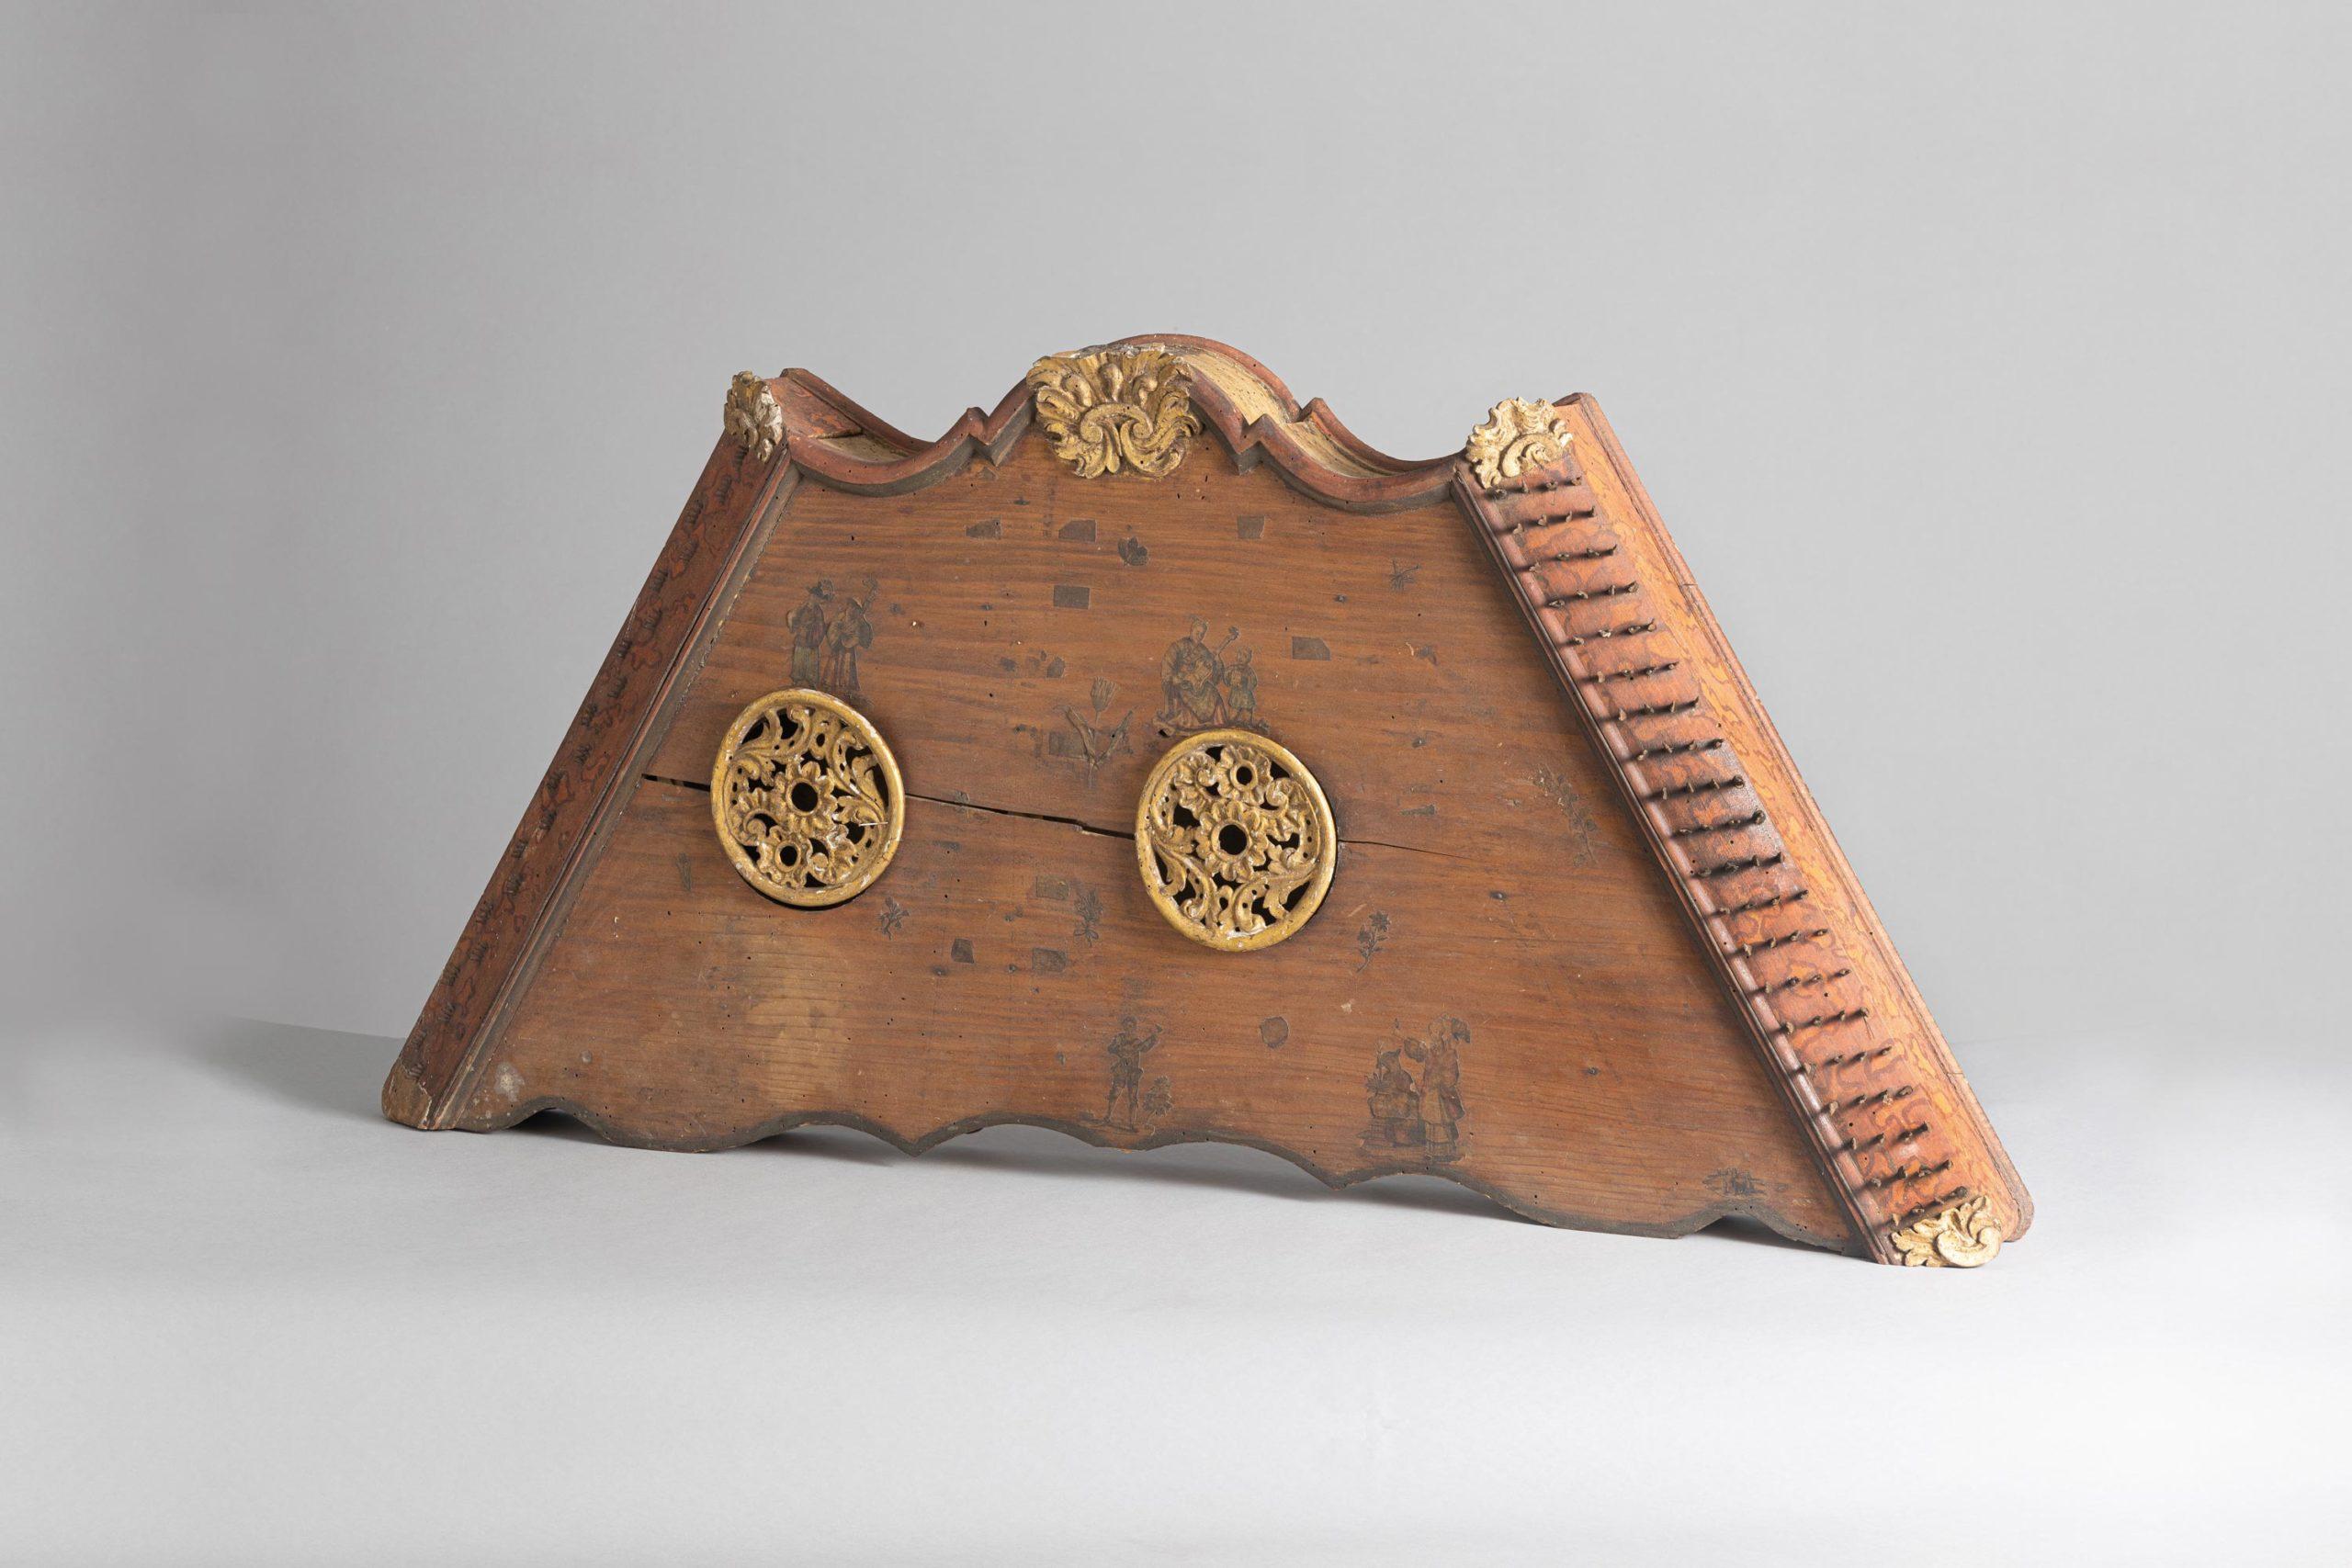 Tympanon, premier tiers du XVIIIème siècle, Italie.